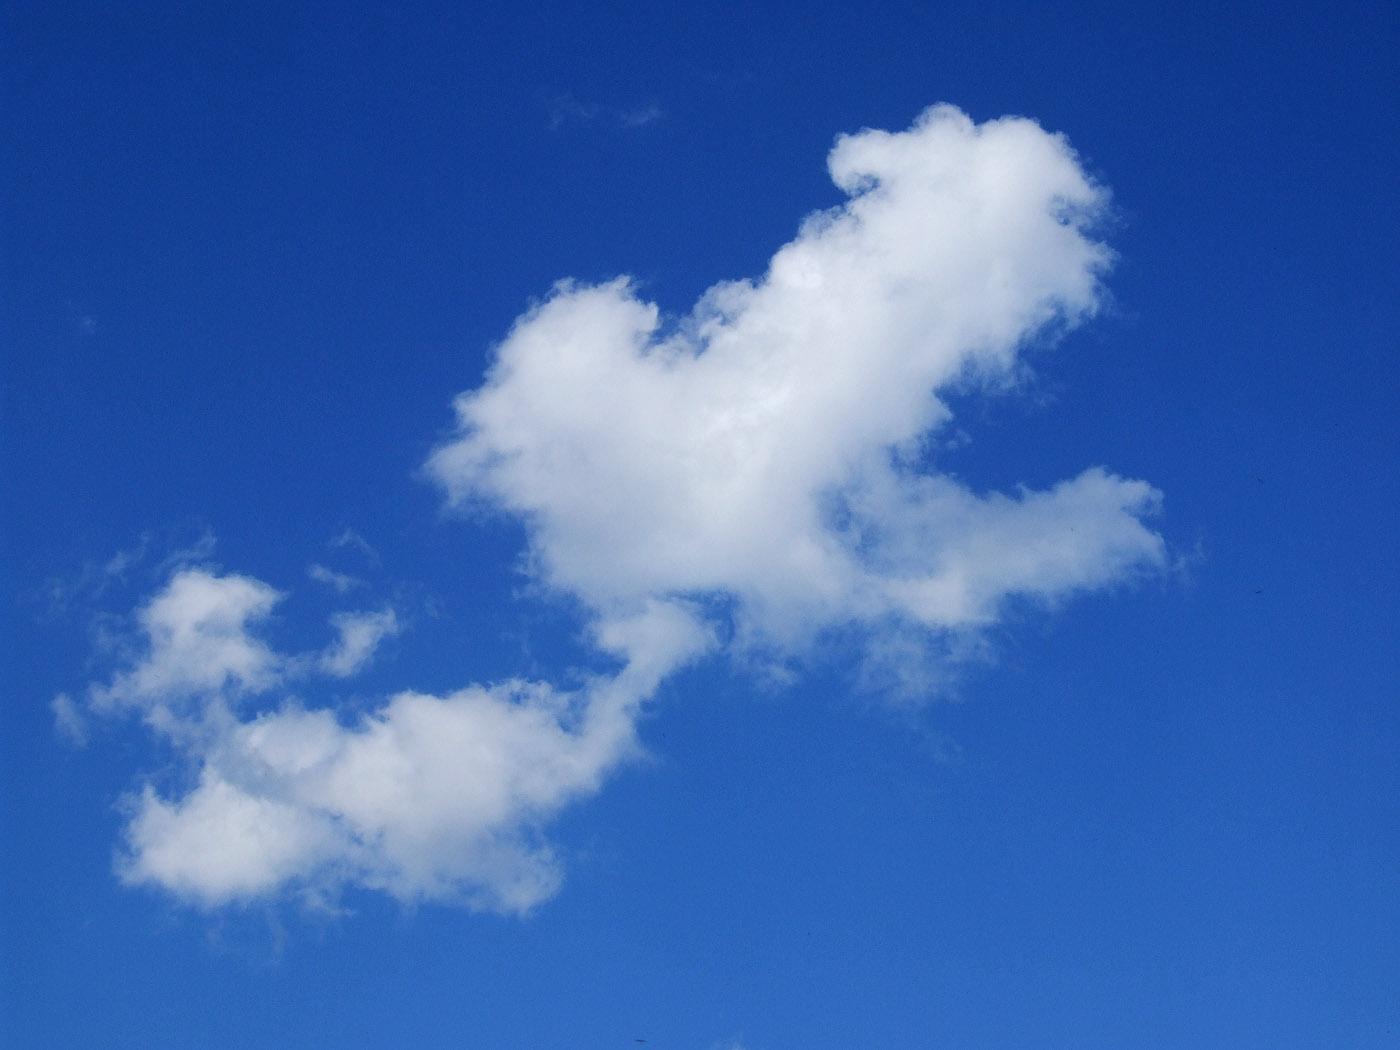 bilder wolken kostenlos